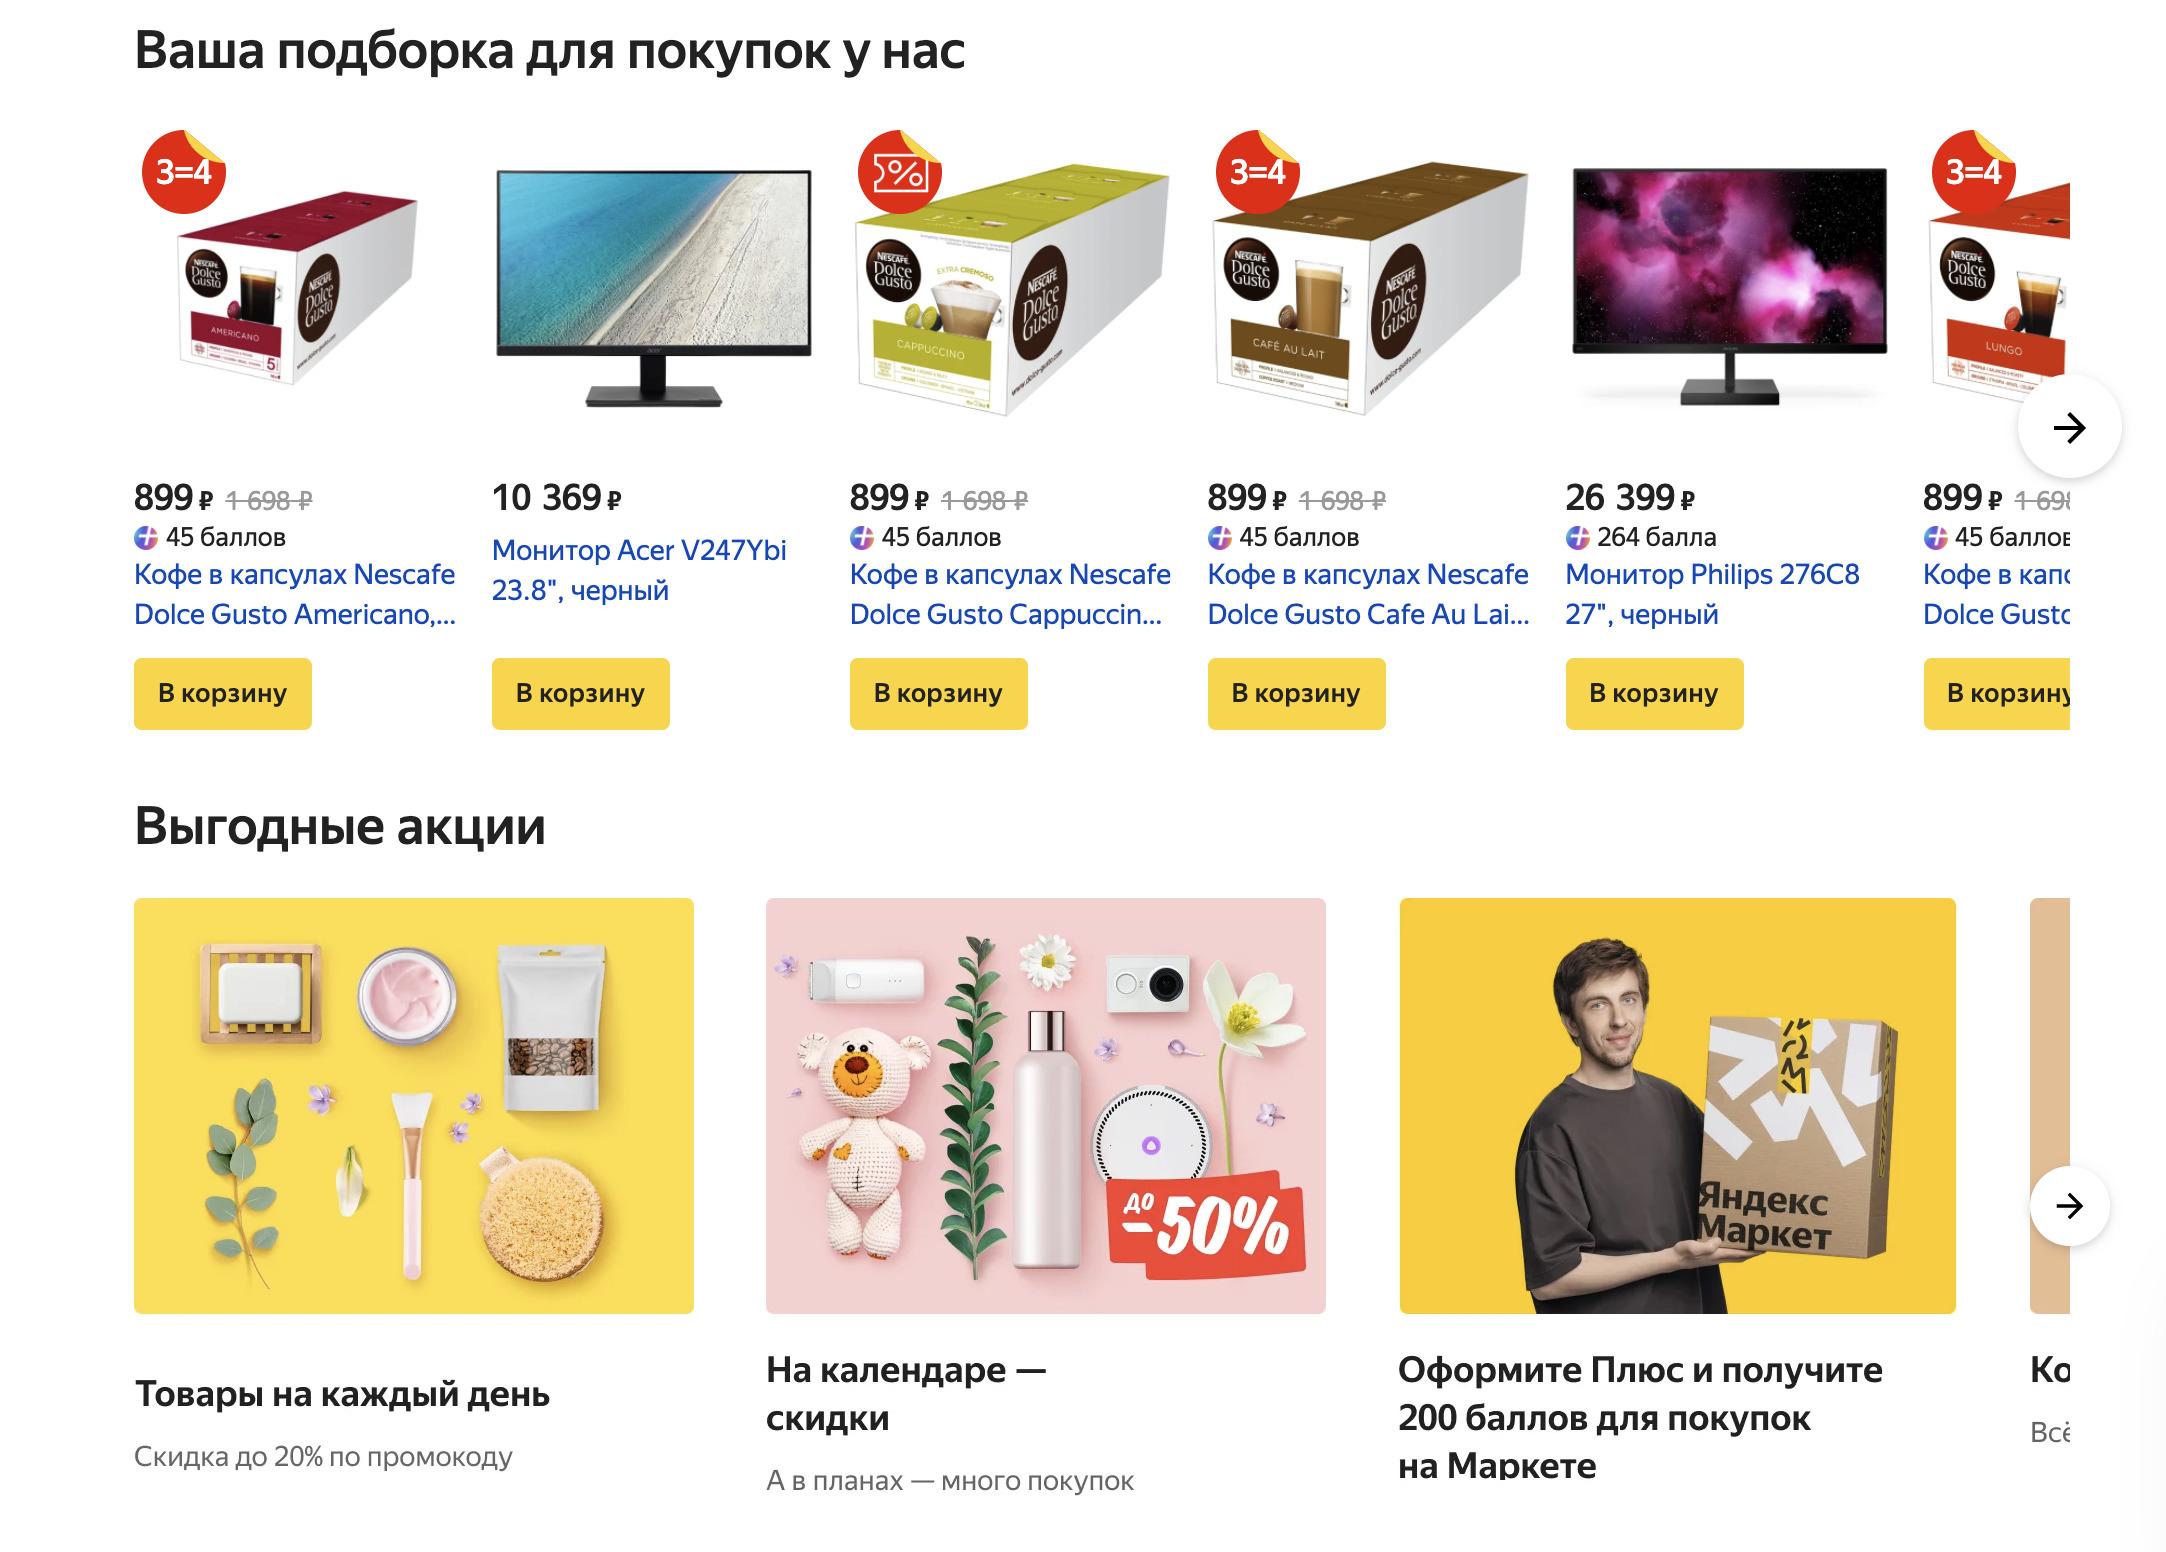 Доставка из Яндекс.Маркет в Кузнецк, сроки, пункты выдачи, каталог